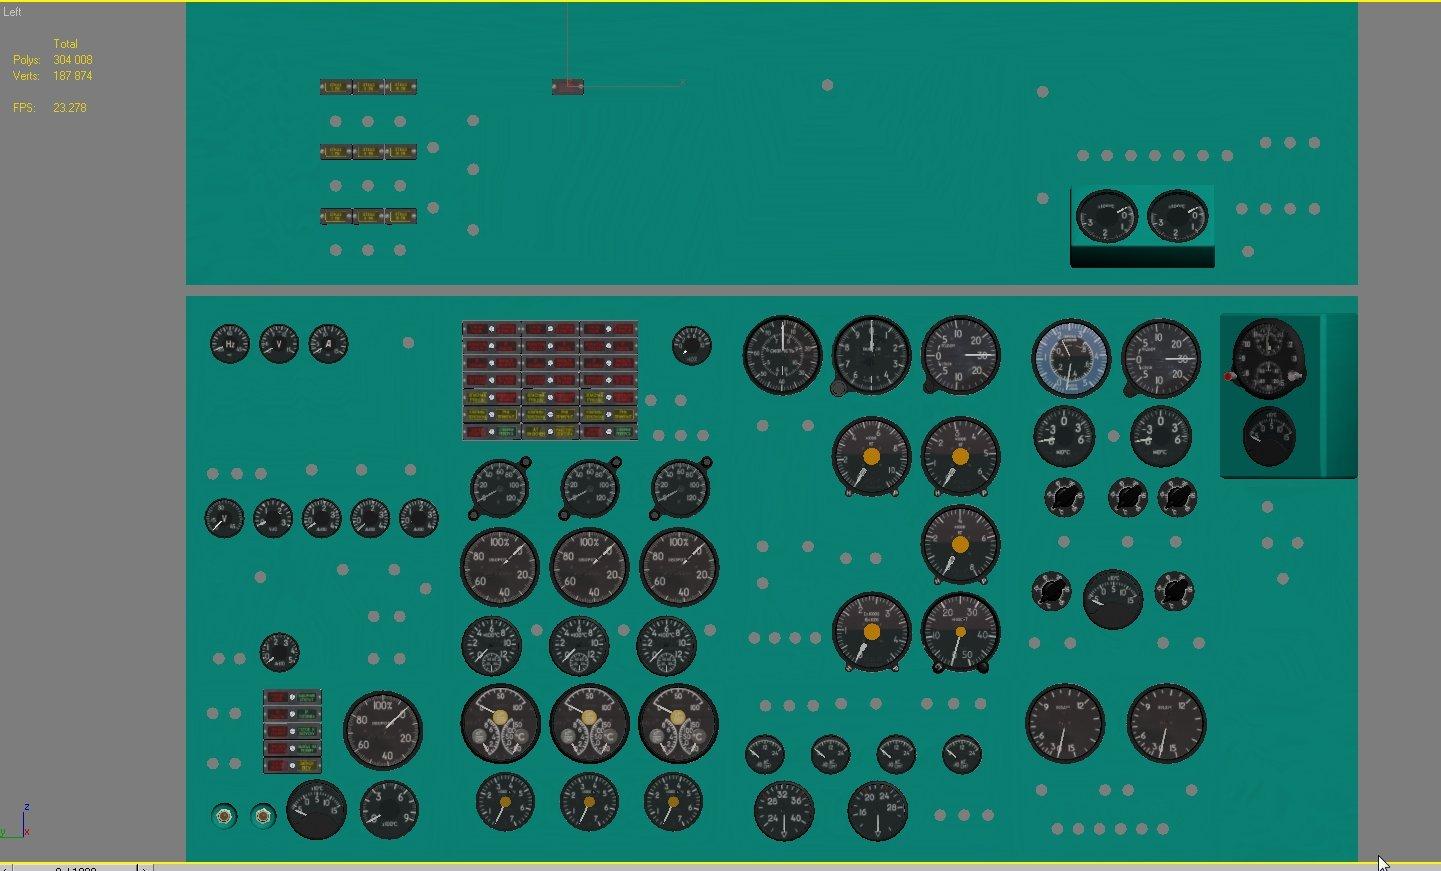 1870960070_2019-05-1921_52_28-Tu-154_B2_VC505.max-ProjectFolder_D__Documents_3dsmax-Autodesk.jpg.b498ccc8efd7c1140f4280f78f74fe53.jpg